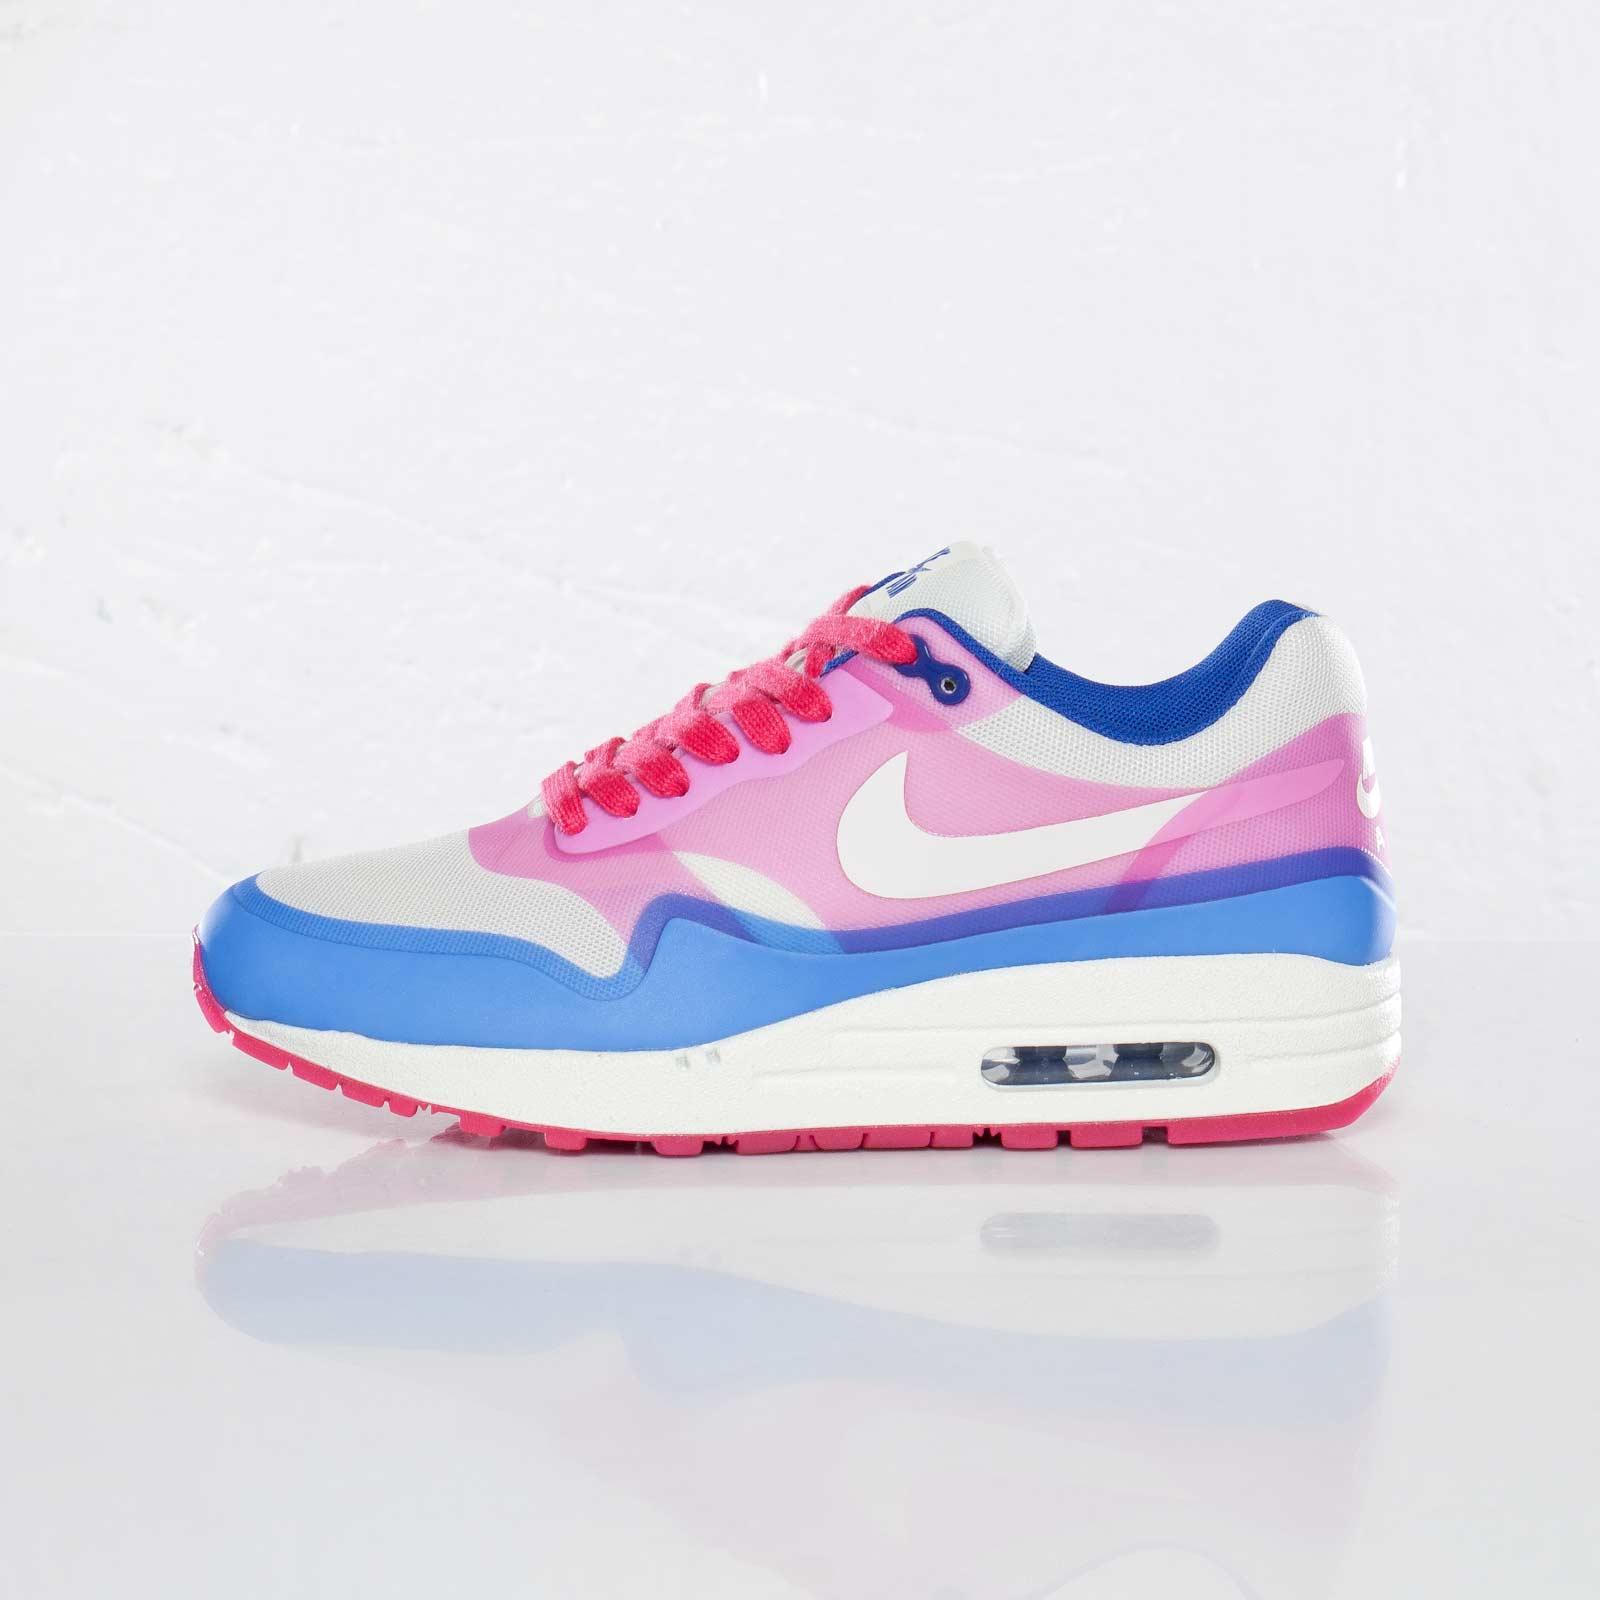 Nike Wmns Air Max 1 Hyperfuse Premium 579758 100